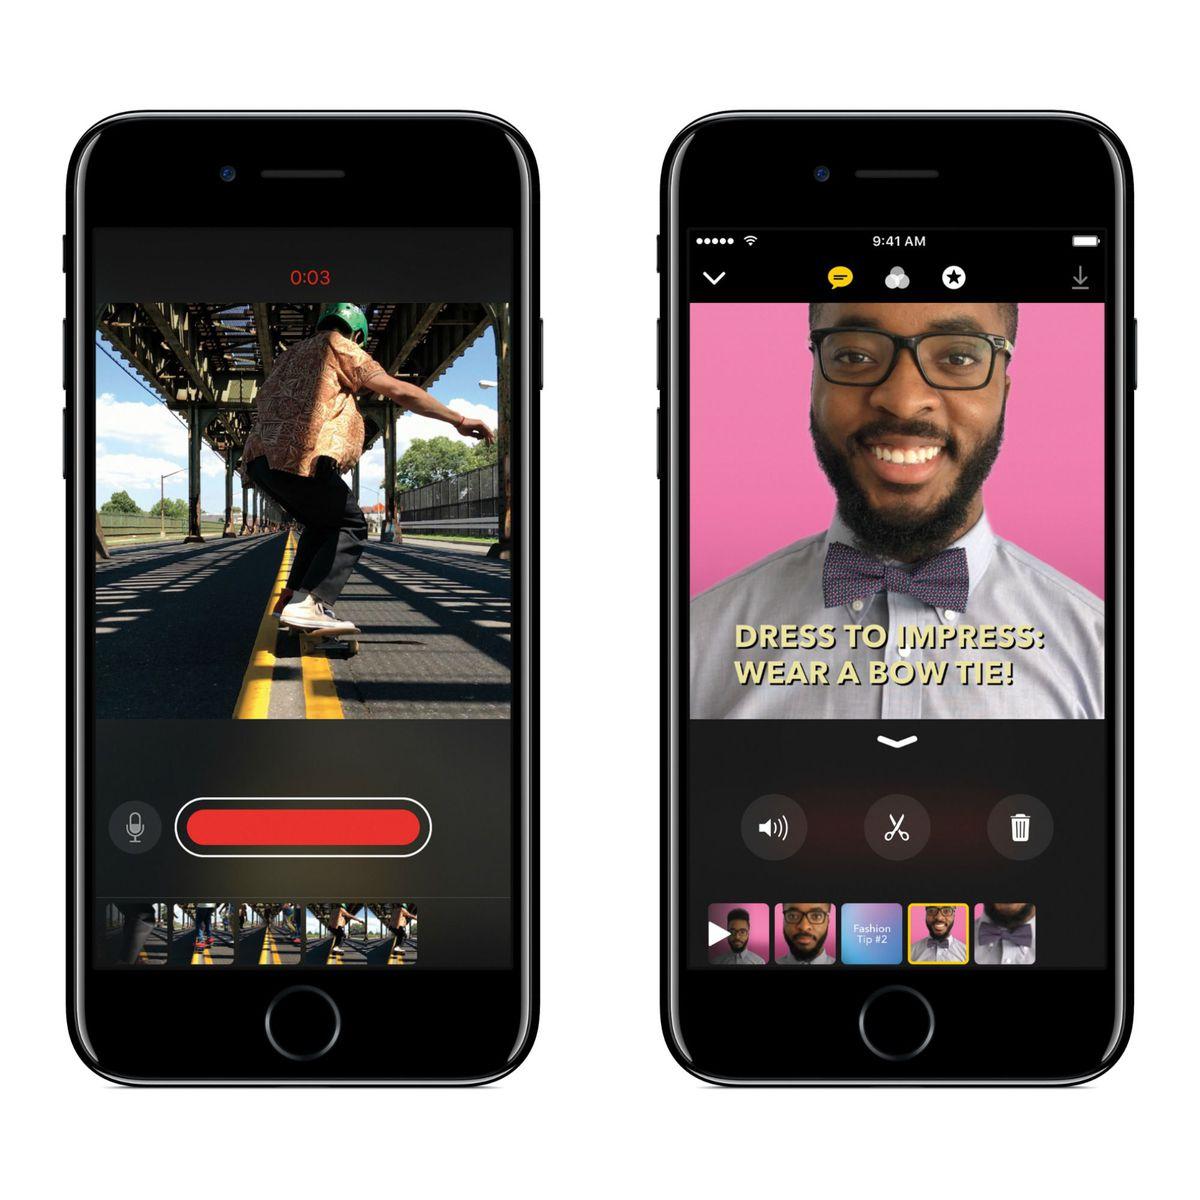 Apple desafía a sus rivales lanzando la app Clips, un híbrido entre iMovie y Snapchat